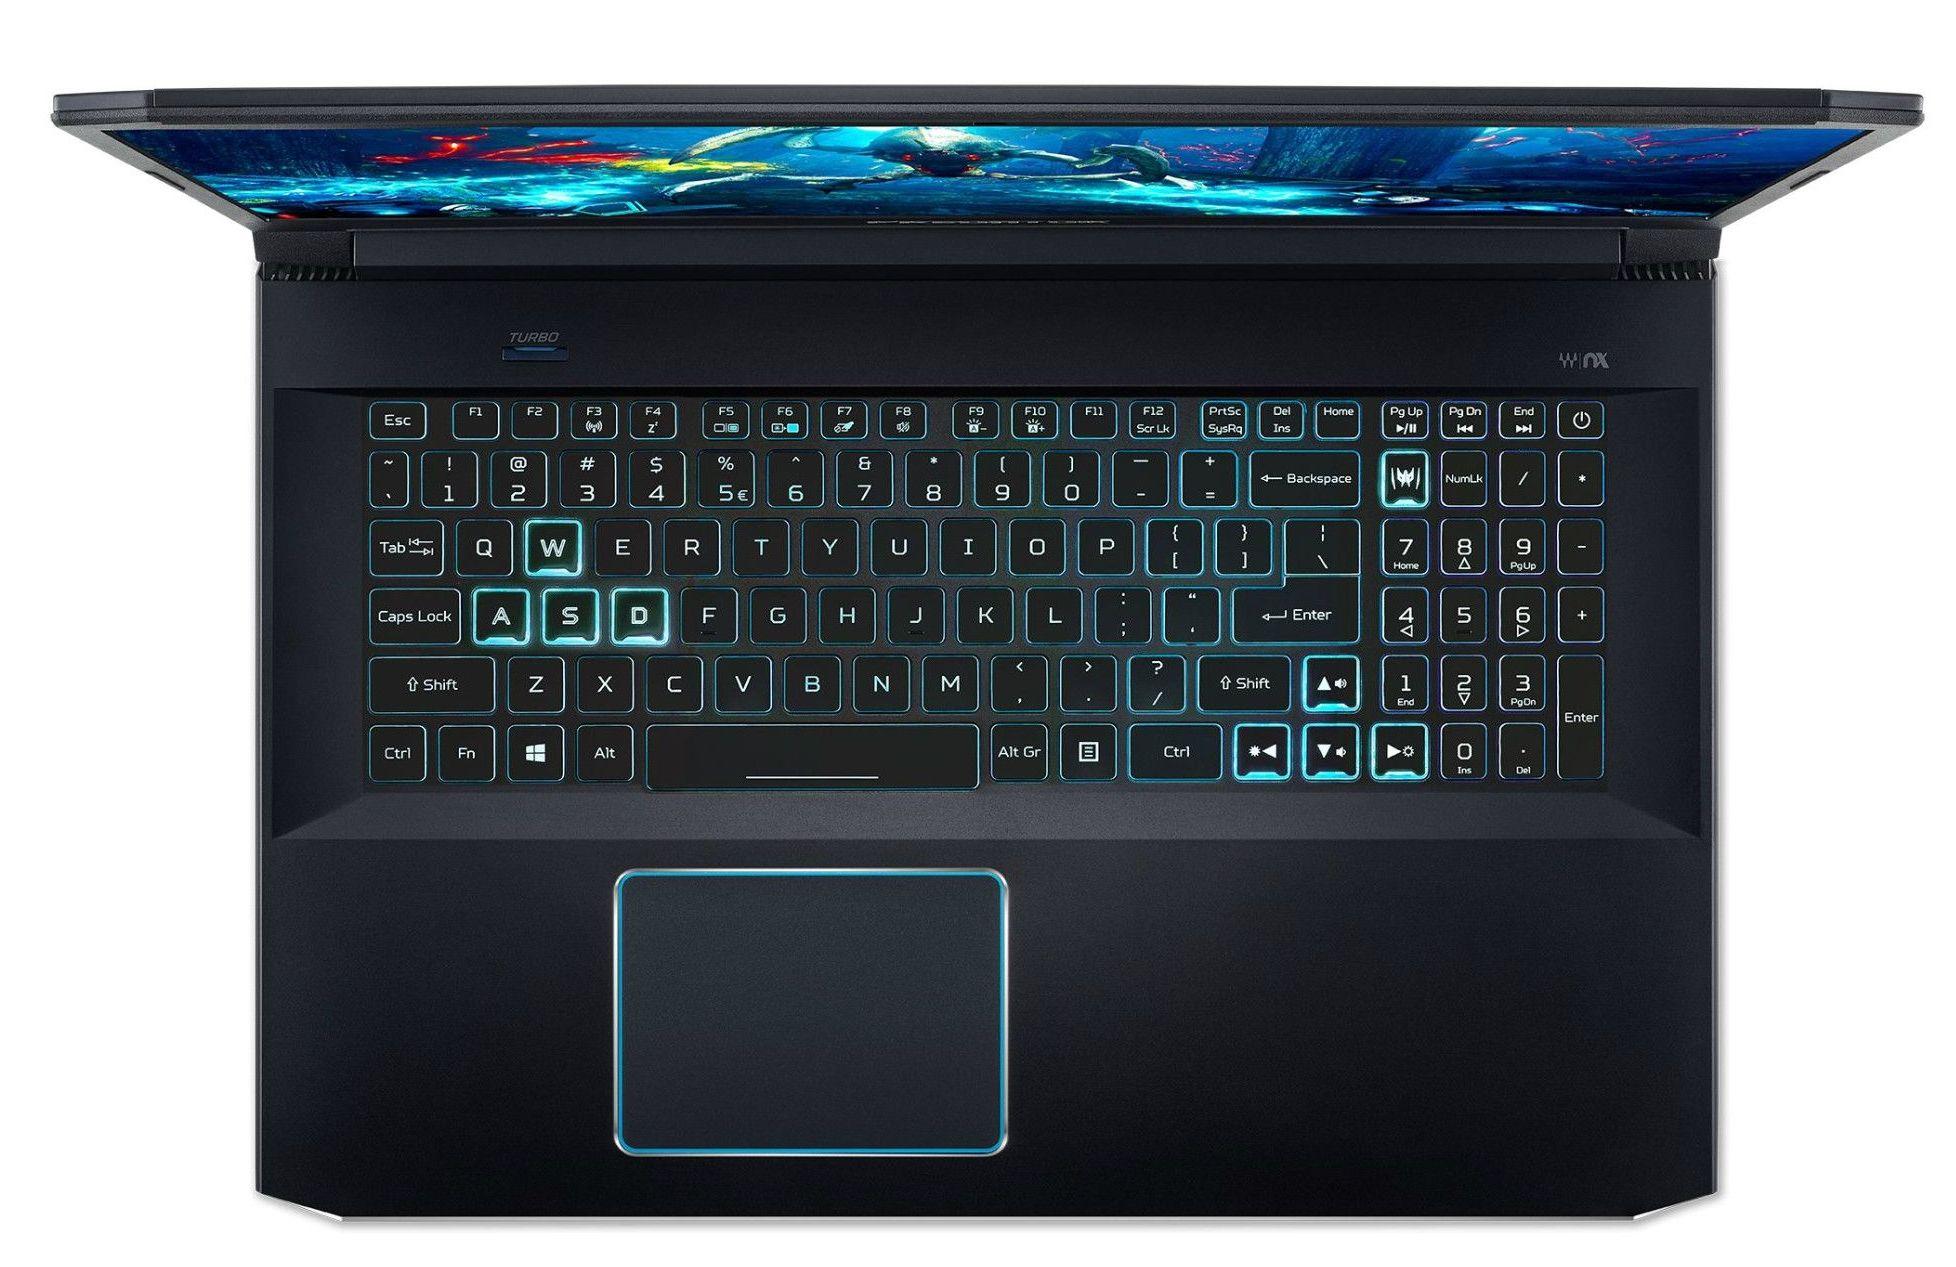 Гейминг лаптоп Acer - PH317-53-75ZA, черен - 4